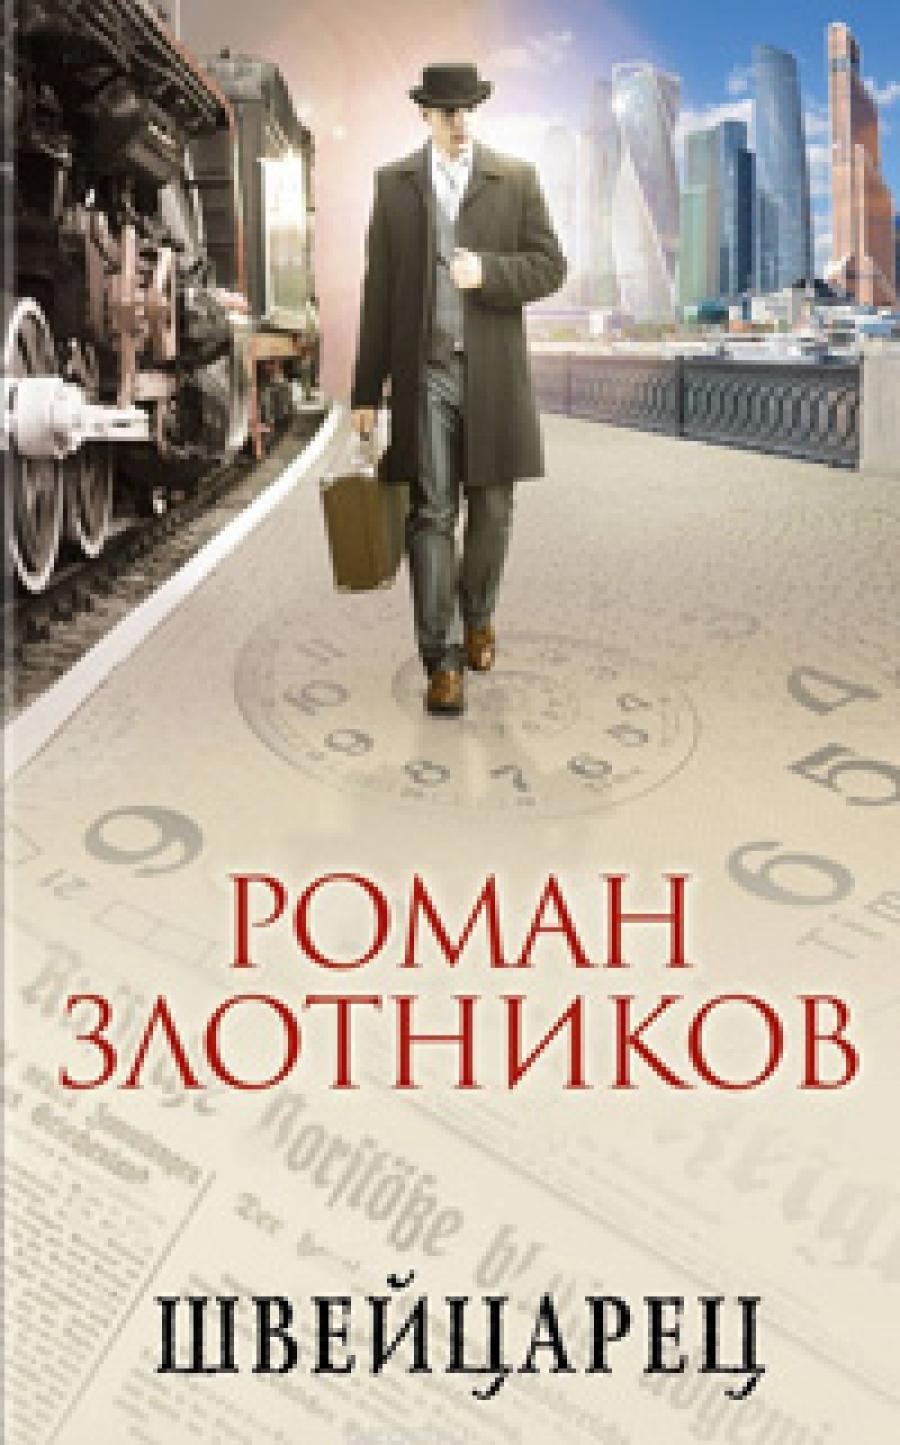 Роман ЗЛОТНИКОВ. Швейцарец (12+)